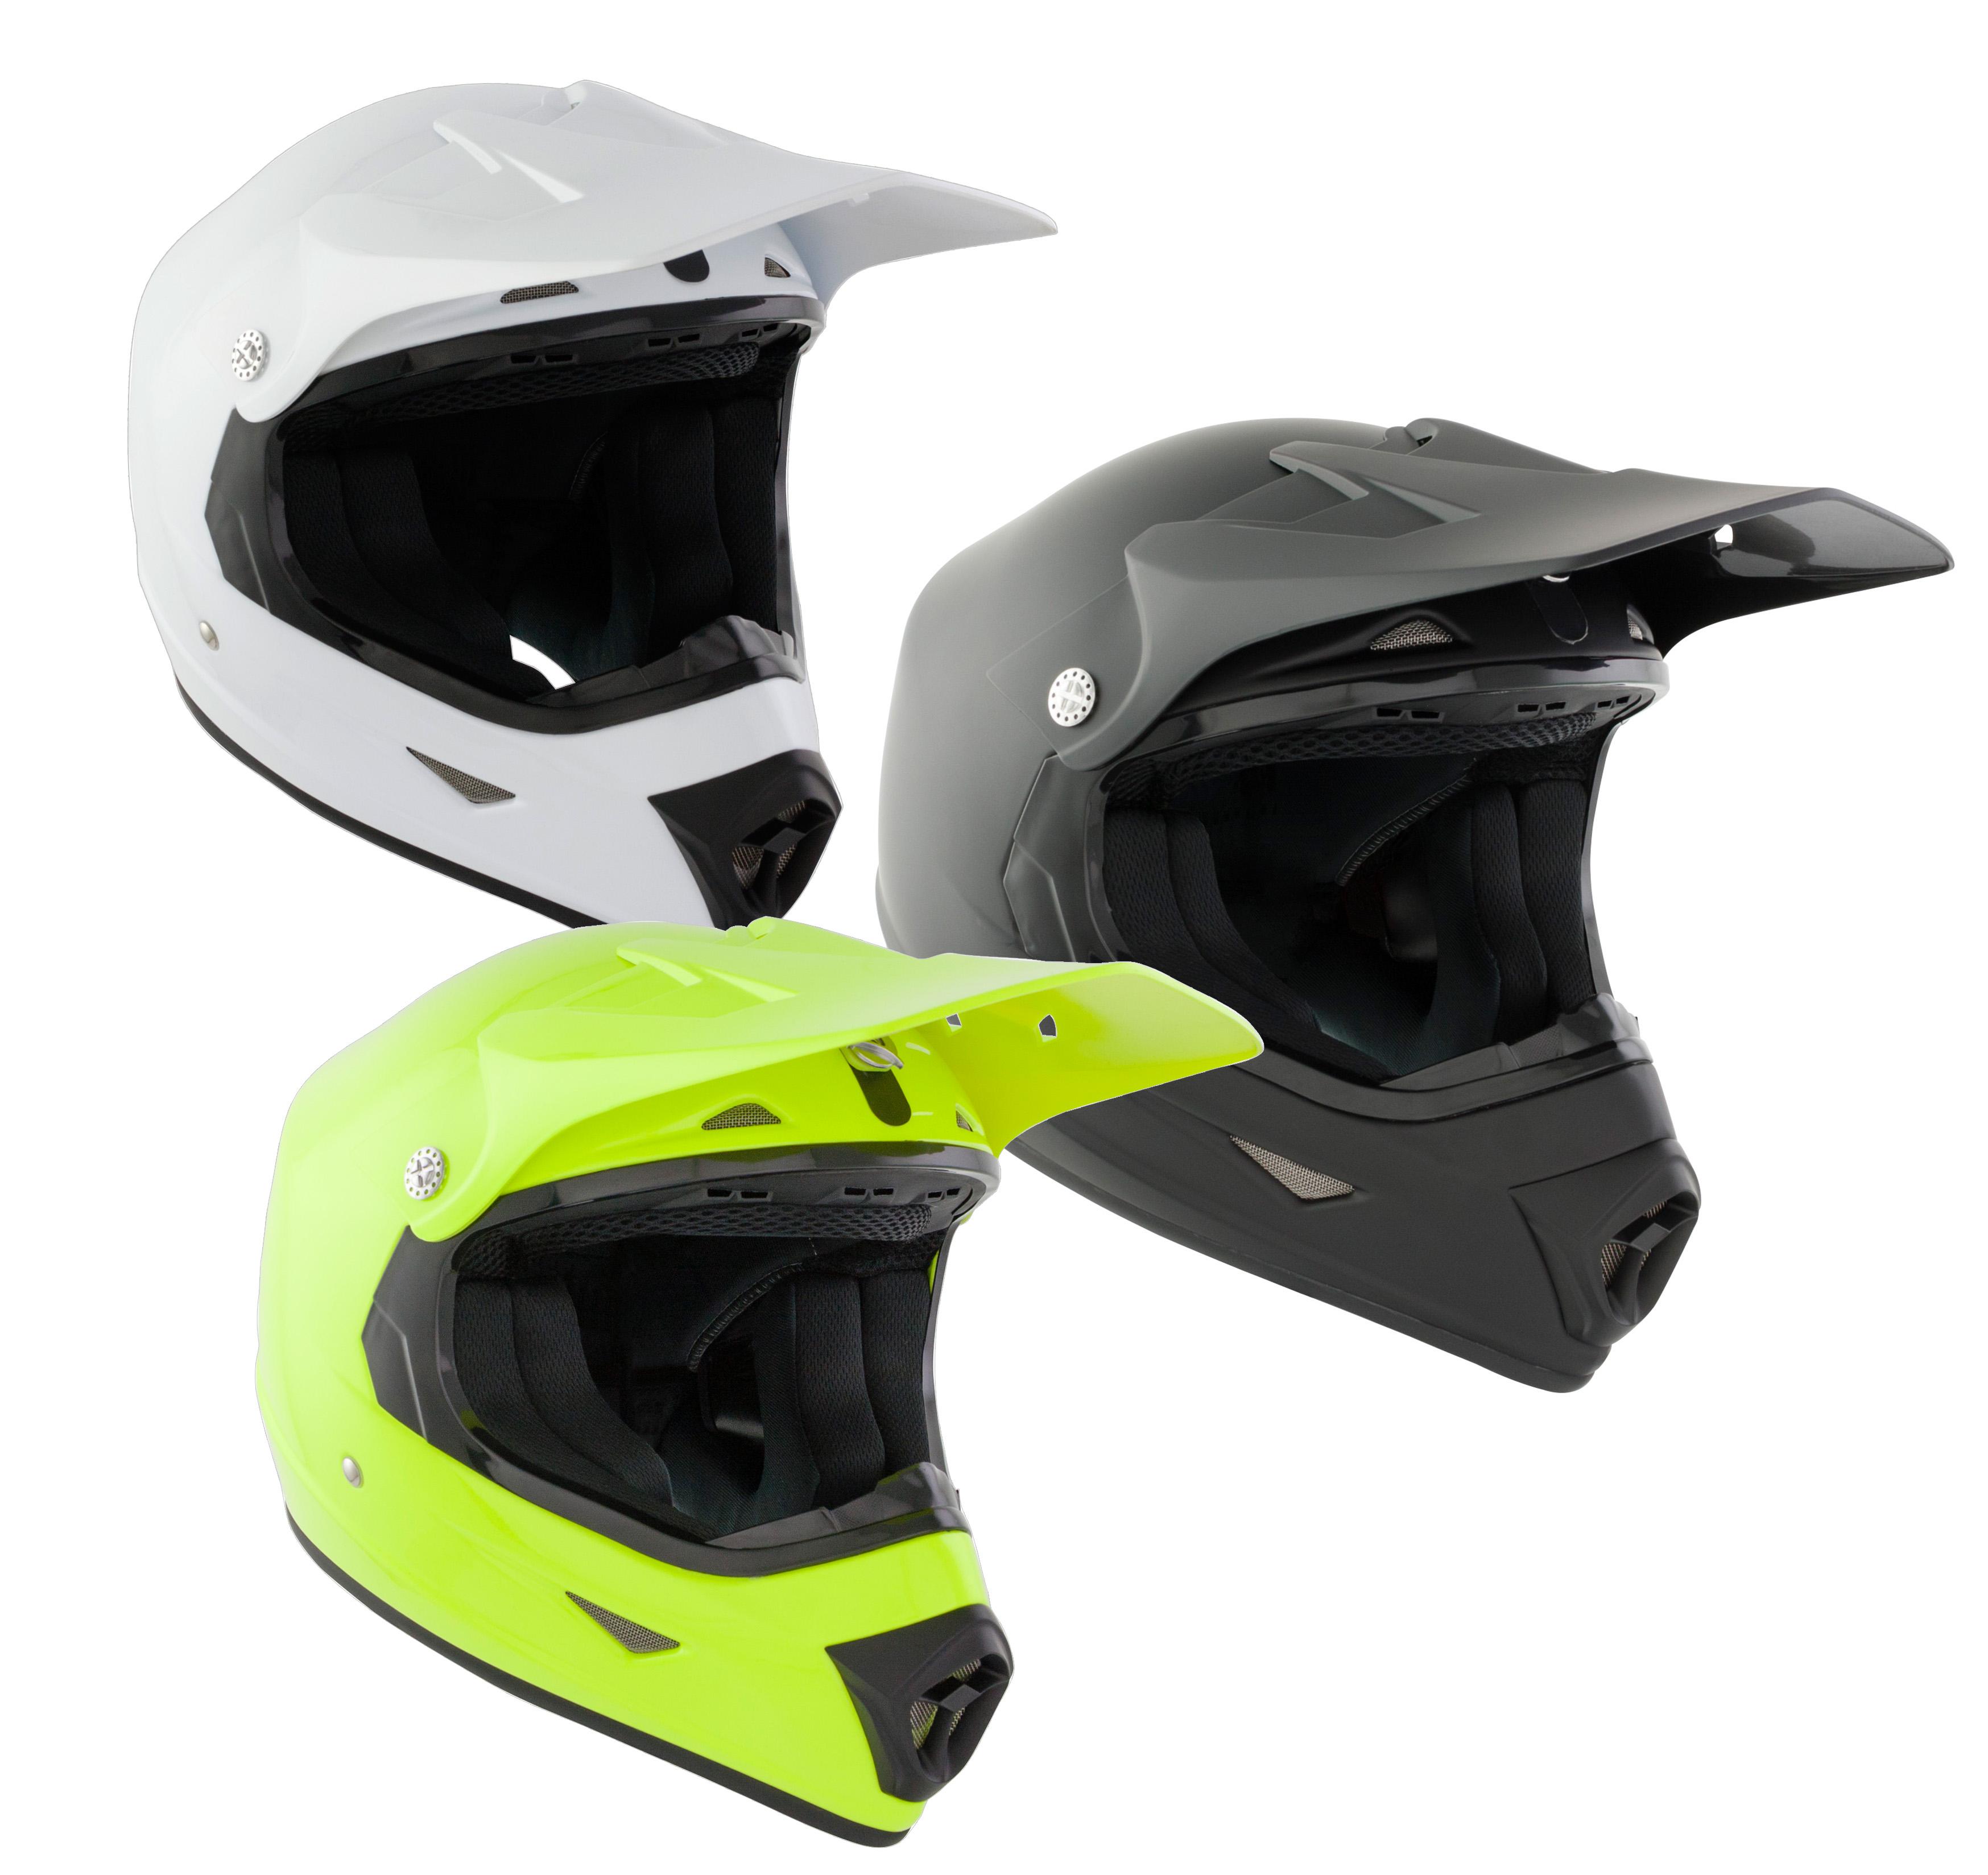 New Kids Motocross Childs Childrens Mx Enduro Quad Bike